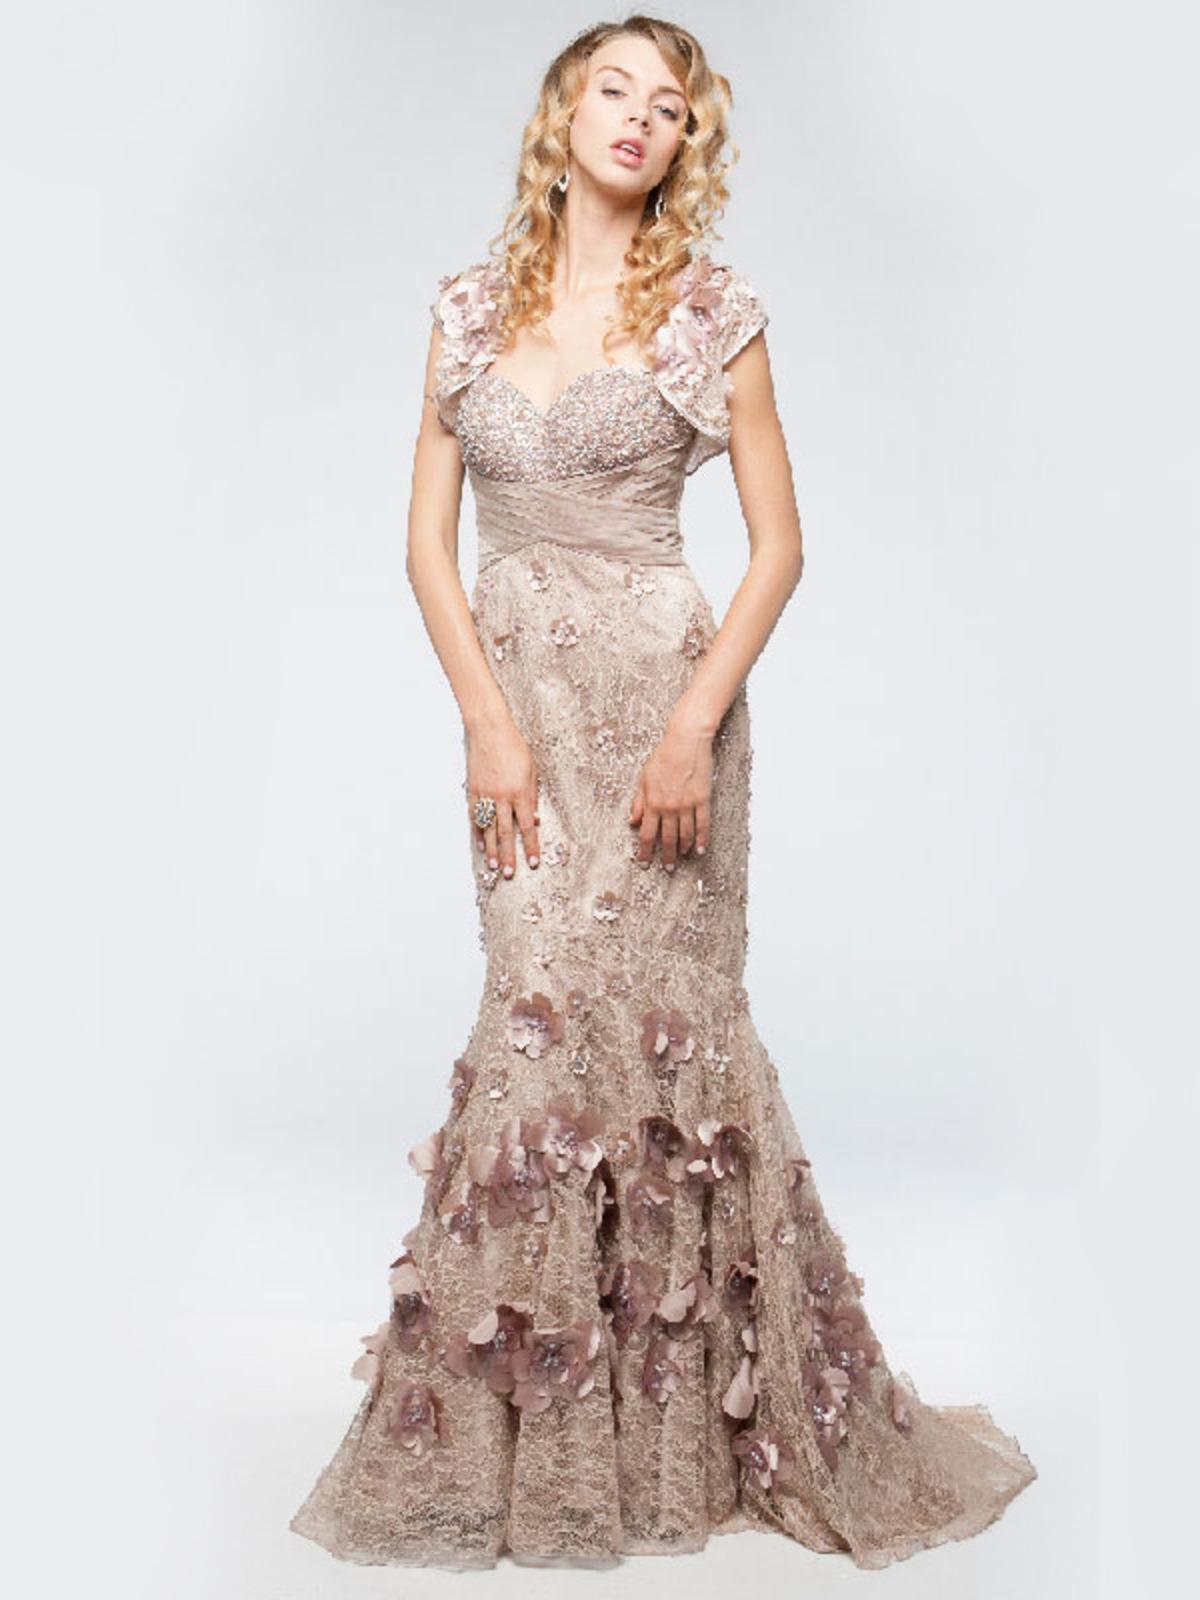 Vintage Lace Mermaid Evening Dress | Sung Boutique L.A. Lace Prom Dresses Vintage